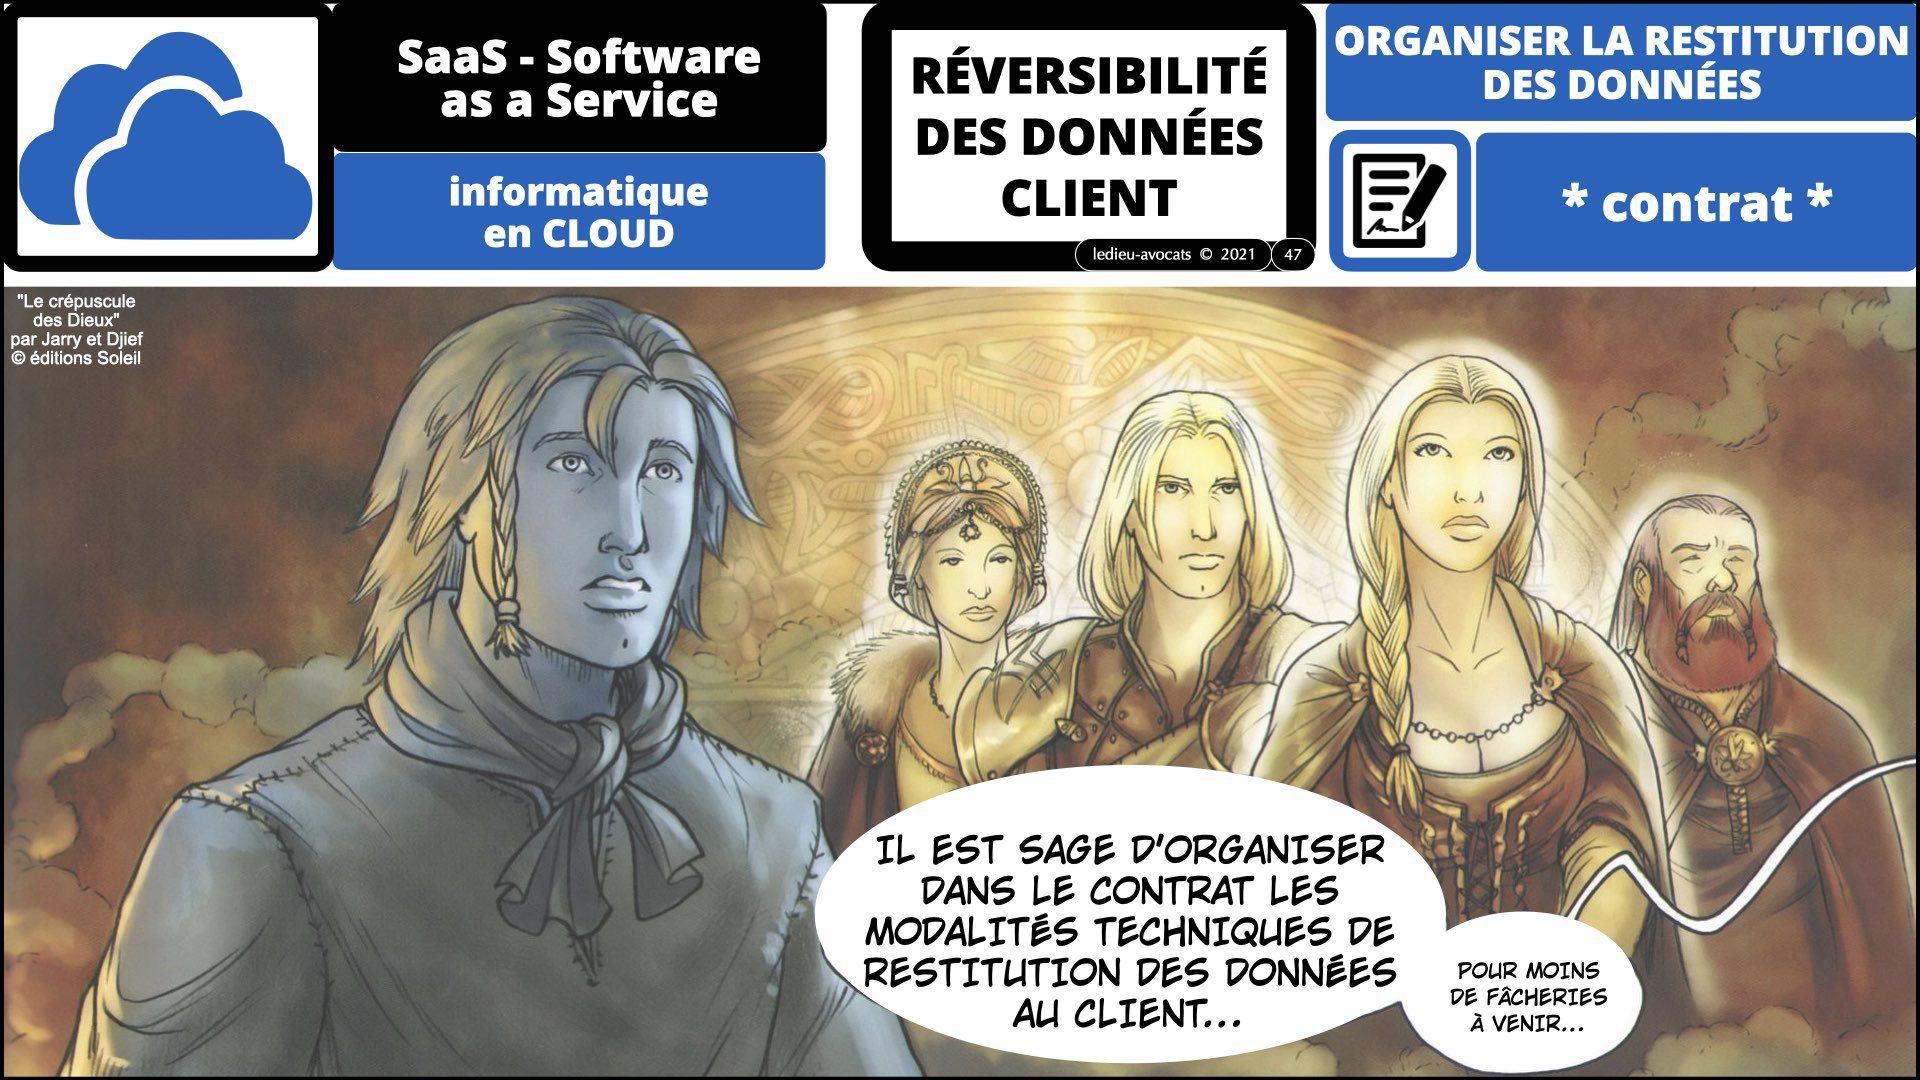 343 service LOGICIEL SaaS Software-as-a-Service cloud computing © Ledieu-Avocats technique droit numerique 30-08-2021.047